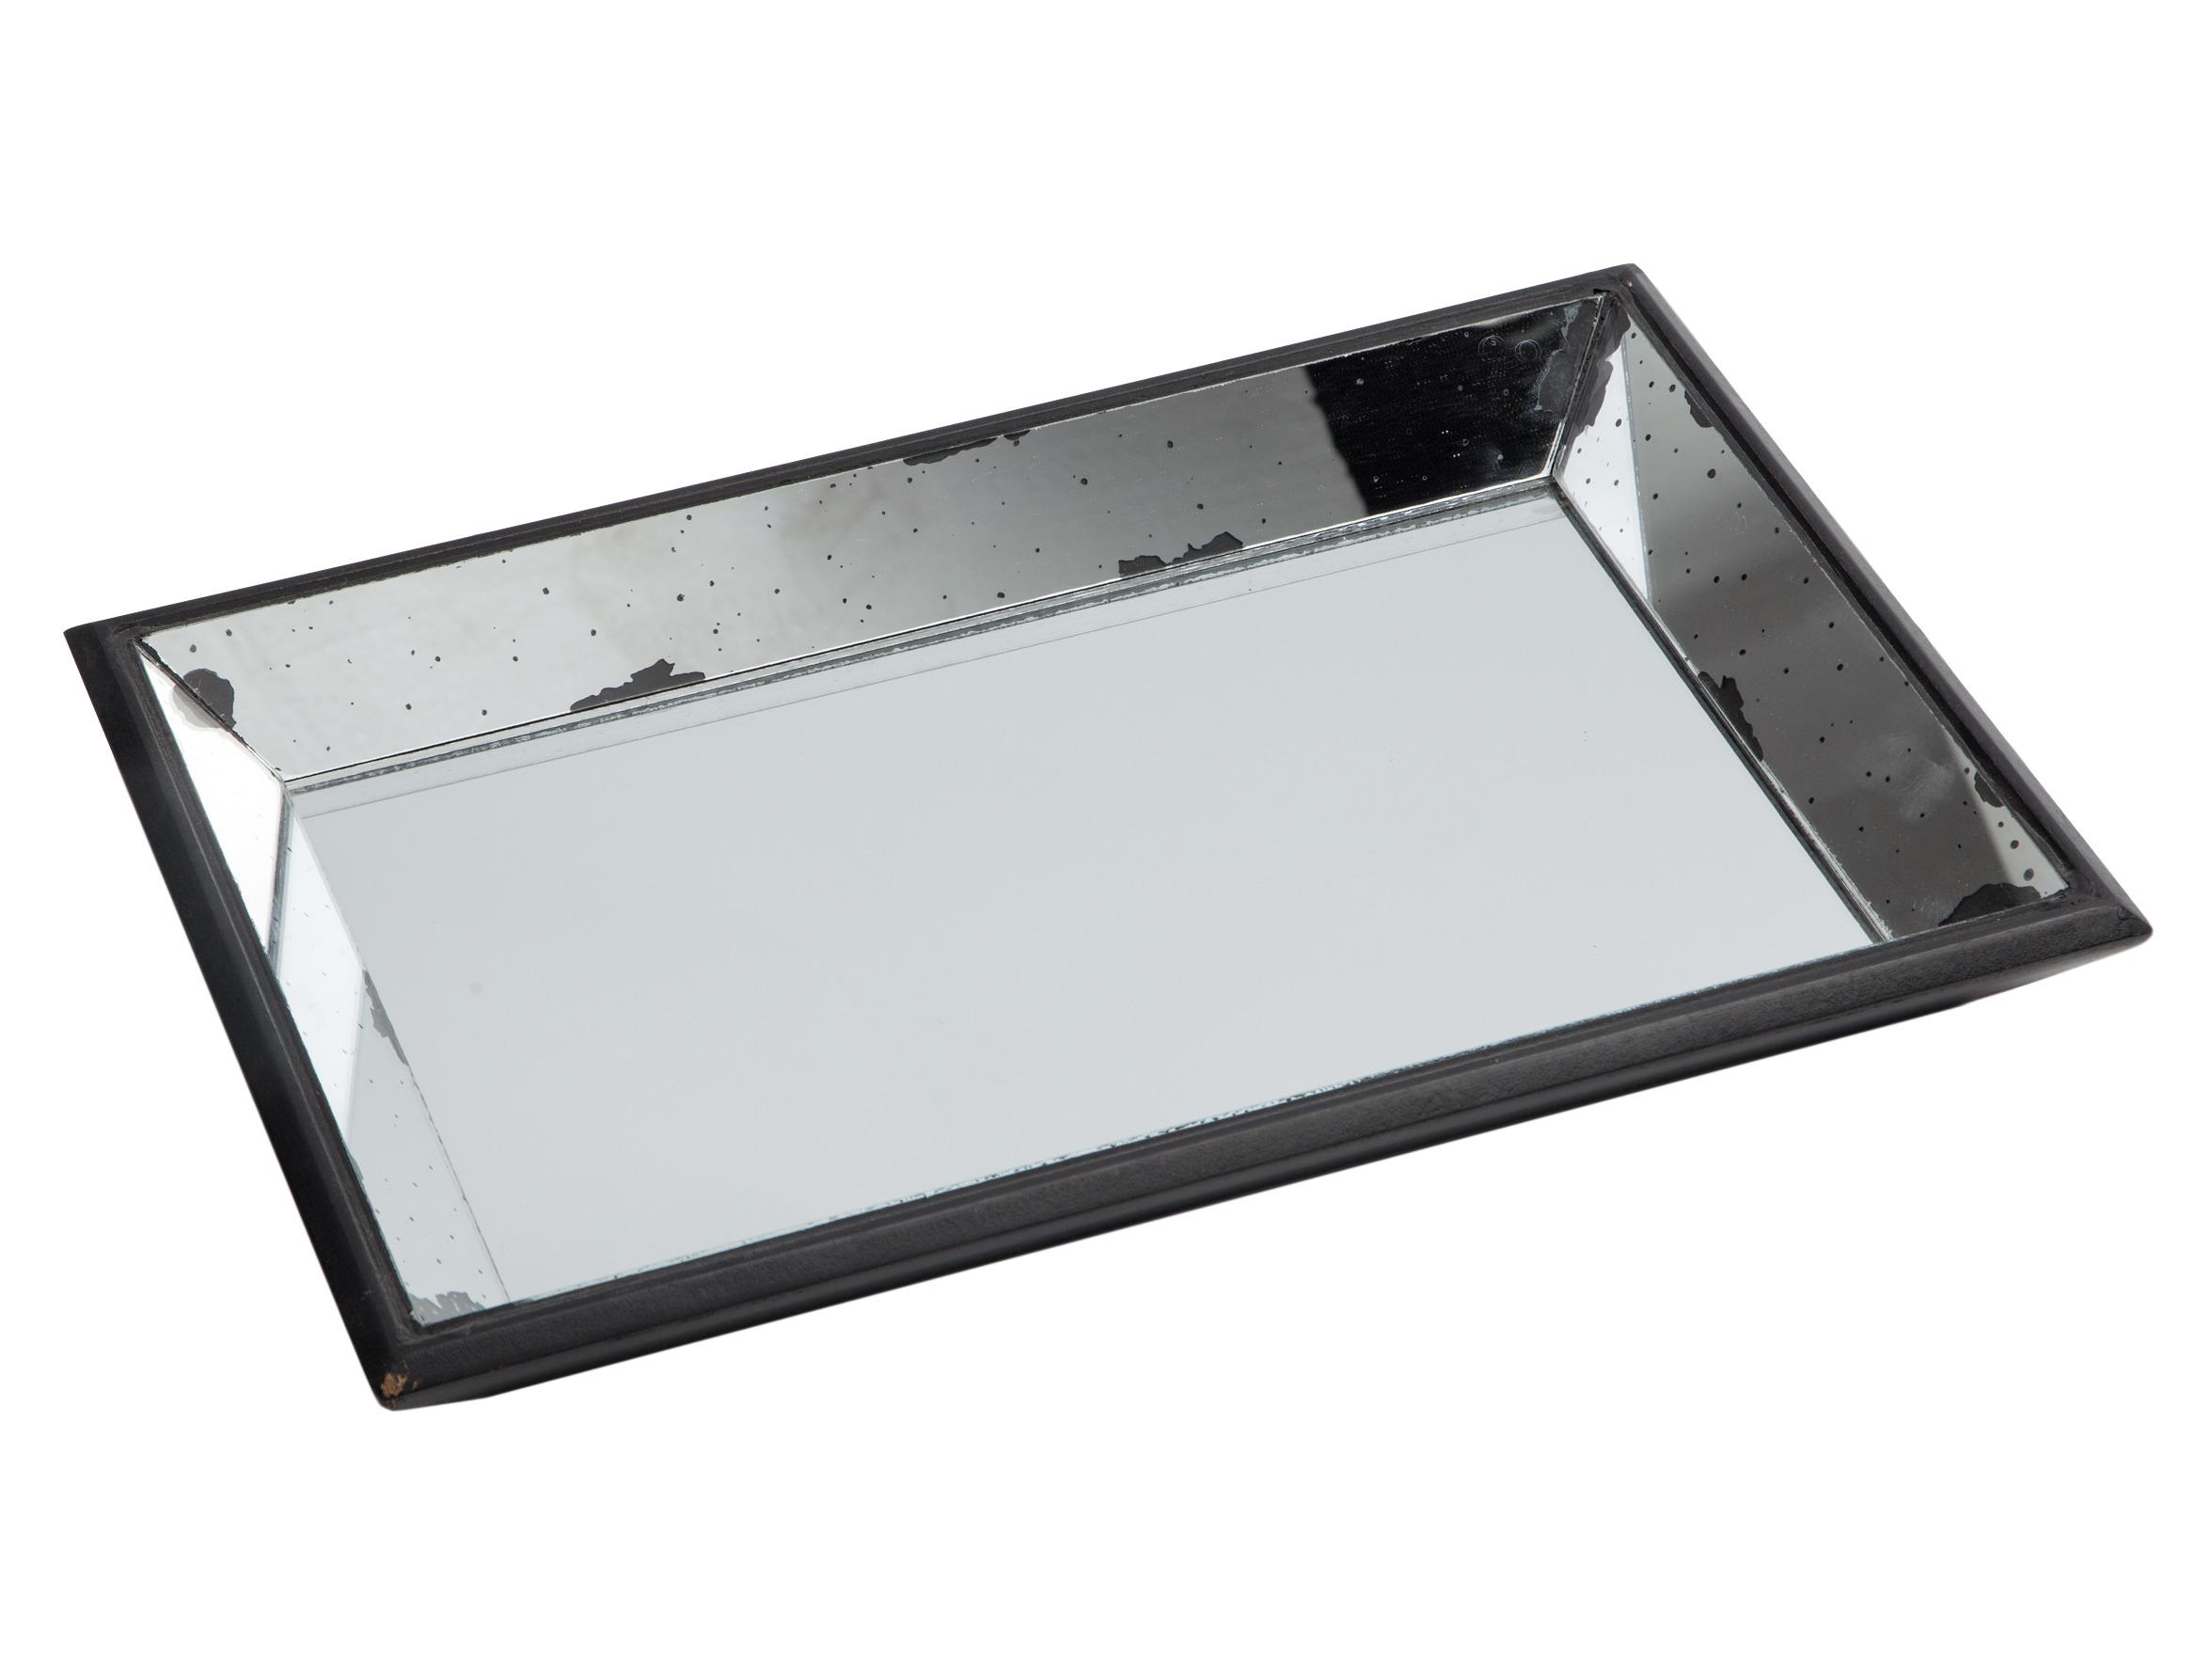 Поднос зеркальныйДекоративные подносы<br>Поднос прямоугольный из зеркального стекла со старением.<br><br>Material: Стекло<br>Width см: 50<br>Depth см: 33<br>Height см: 5